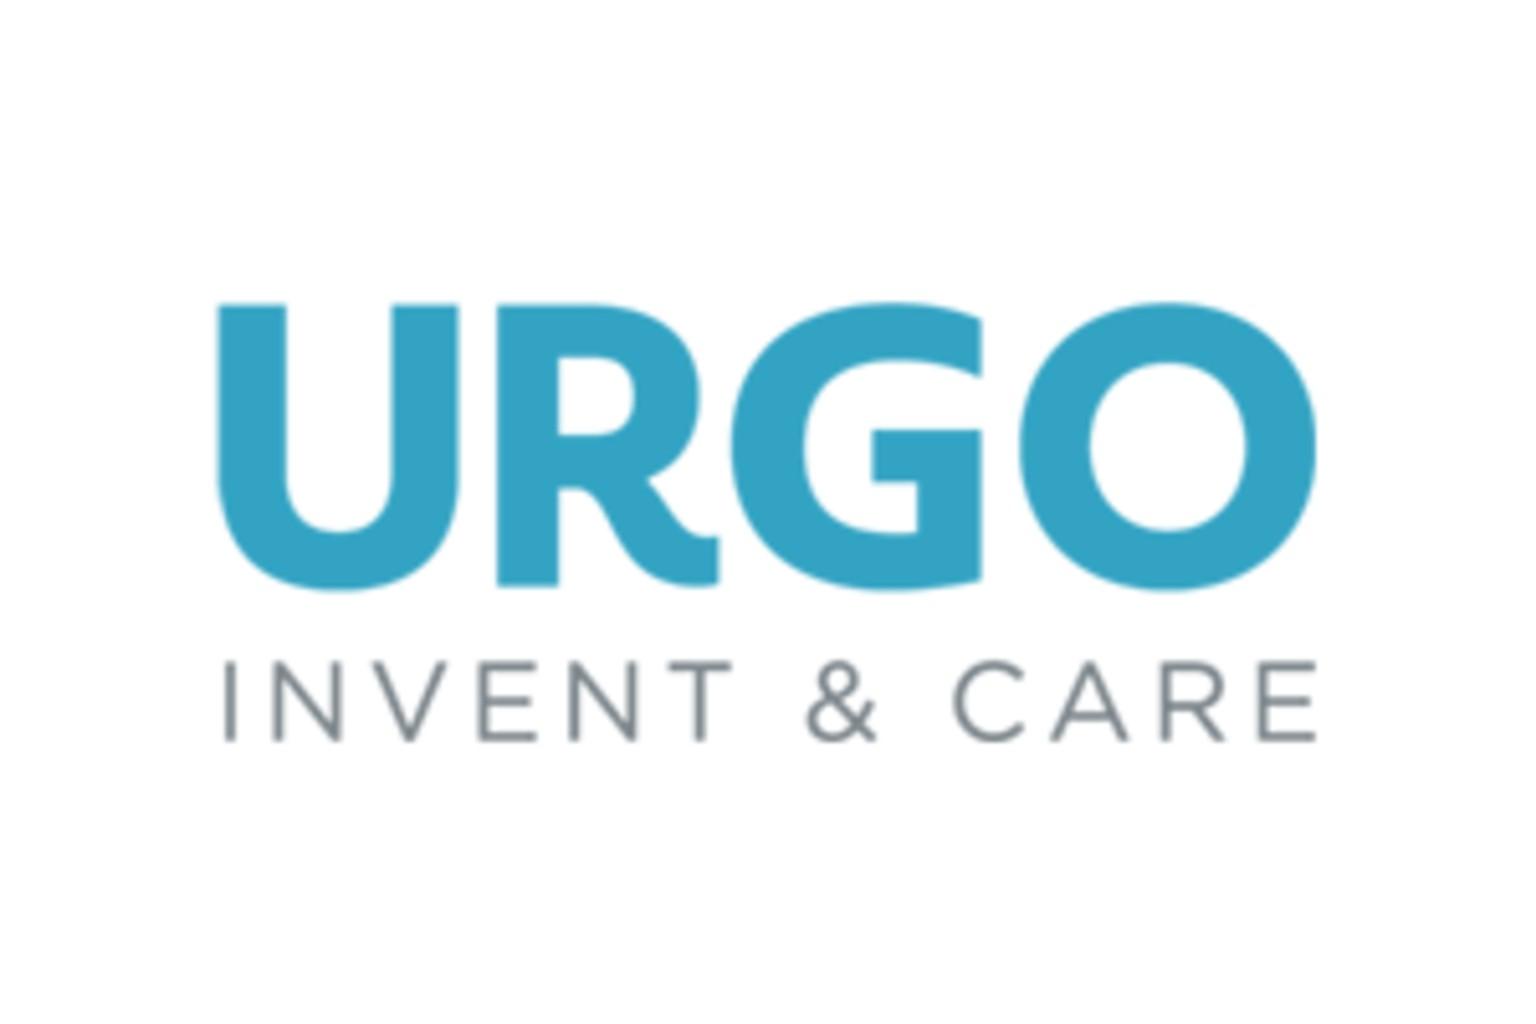 urgo-image